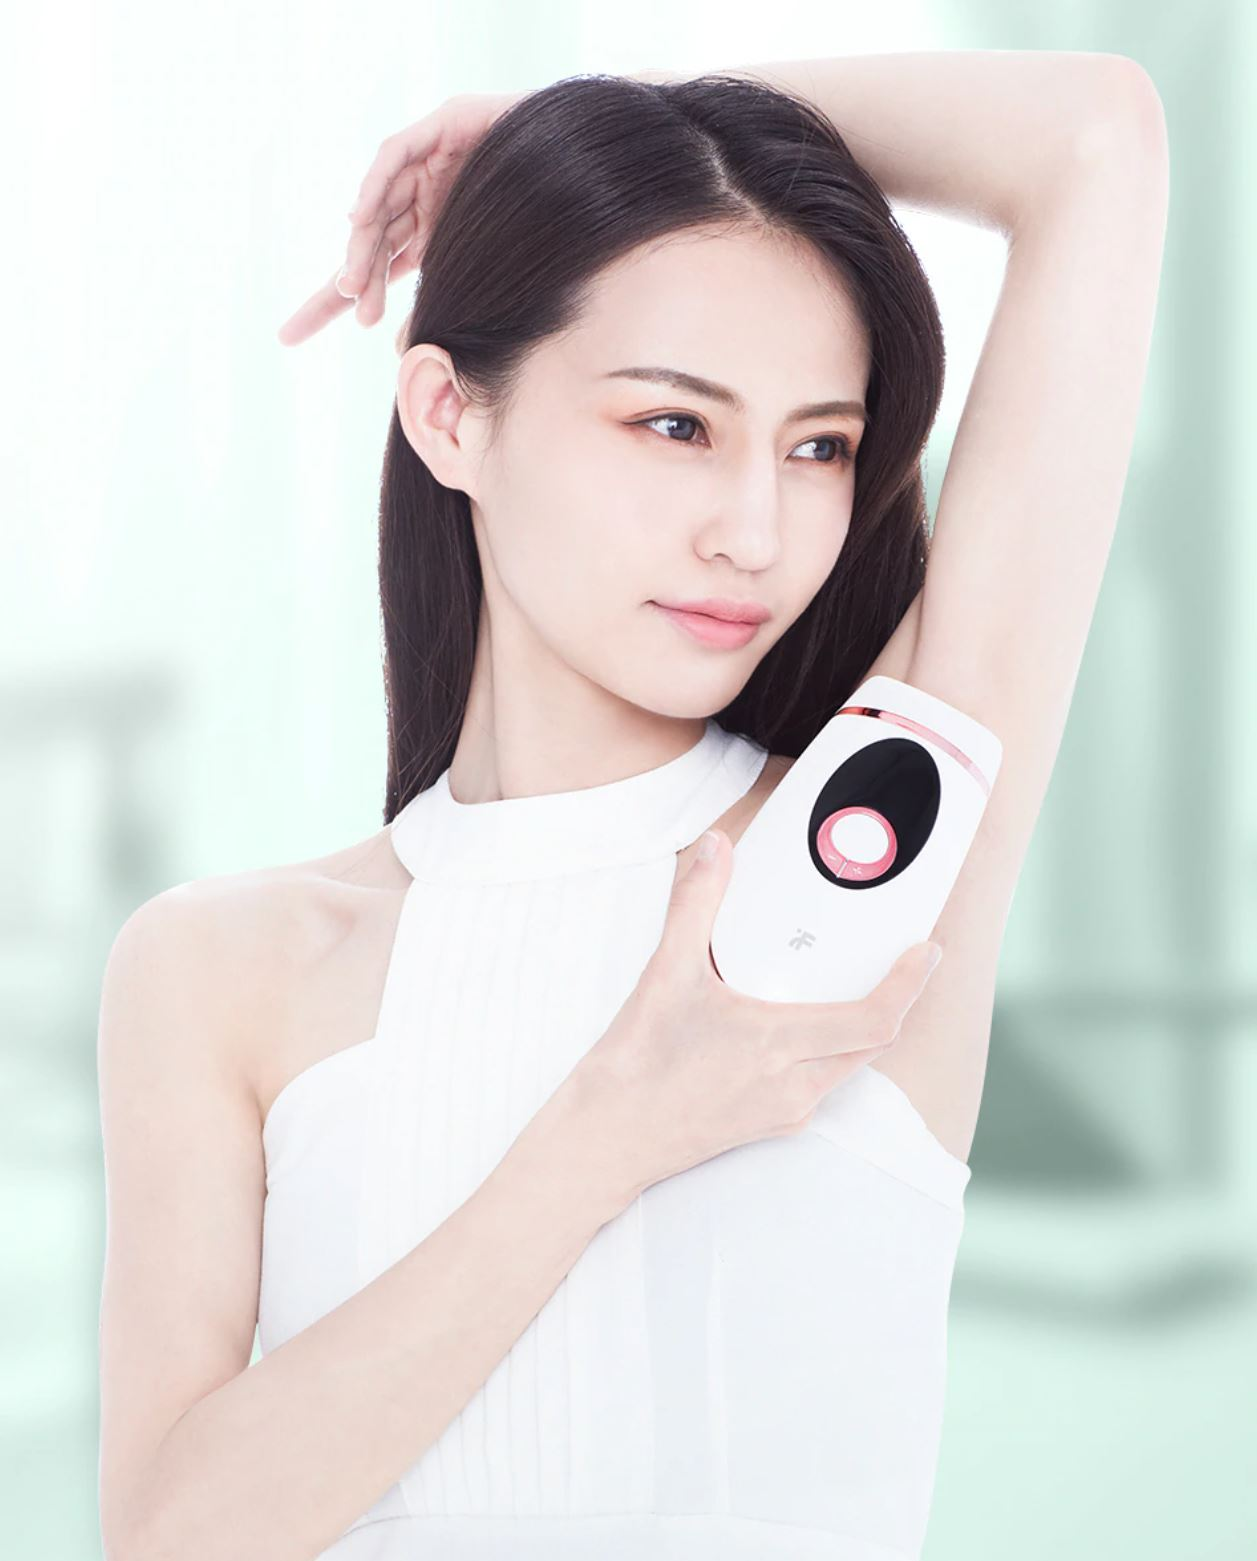 Promocje Aliexpress w dziale Beauty - inFace depilator IPL